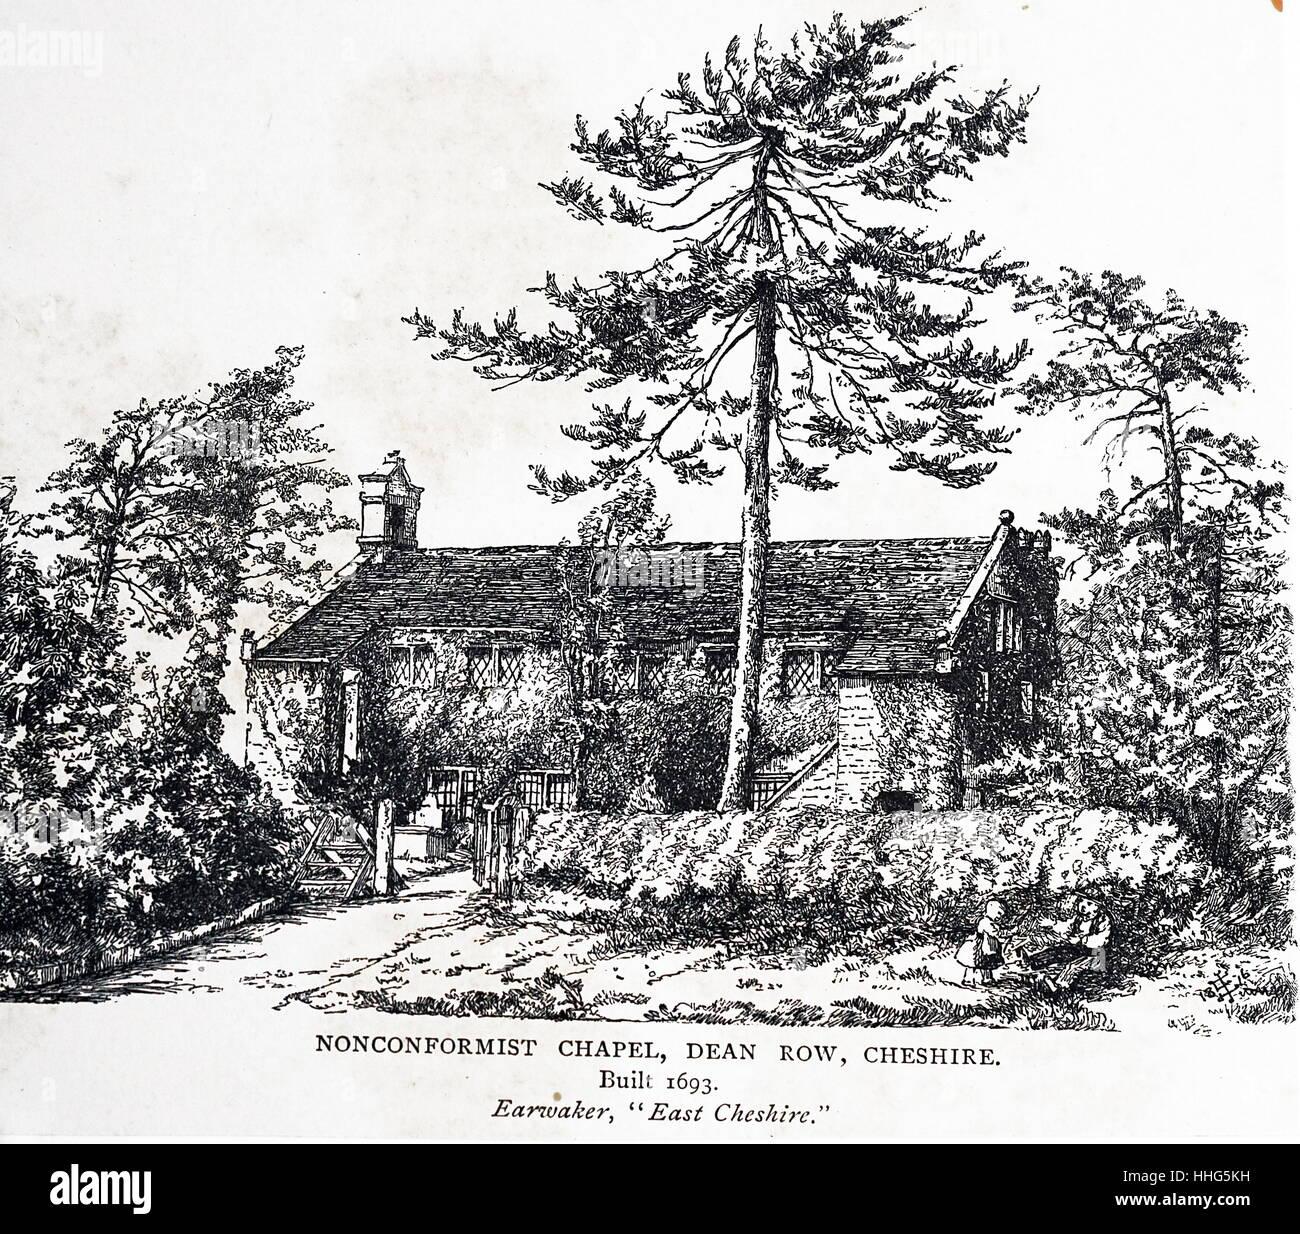 Nonconformist chapel, Dean Row, Cheshire. Built 1693. - Stock Image